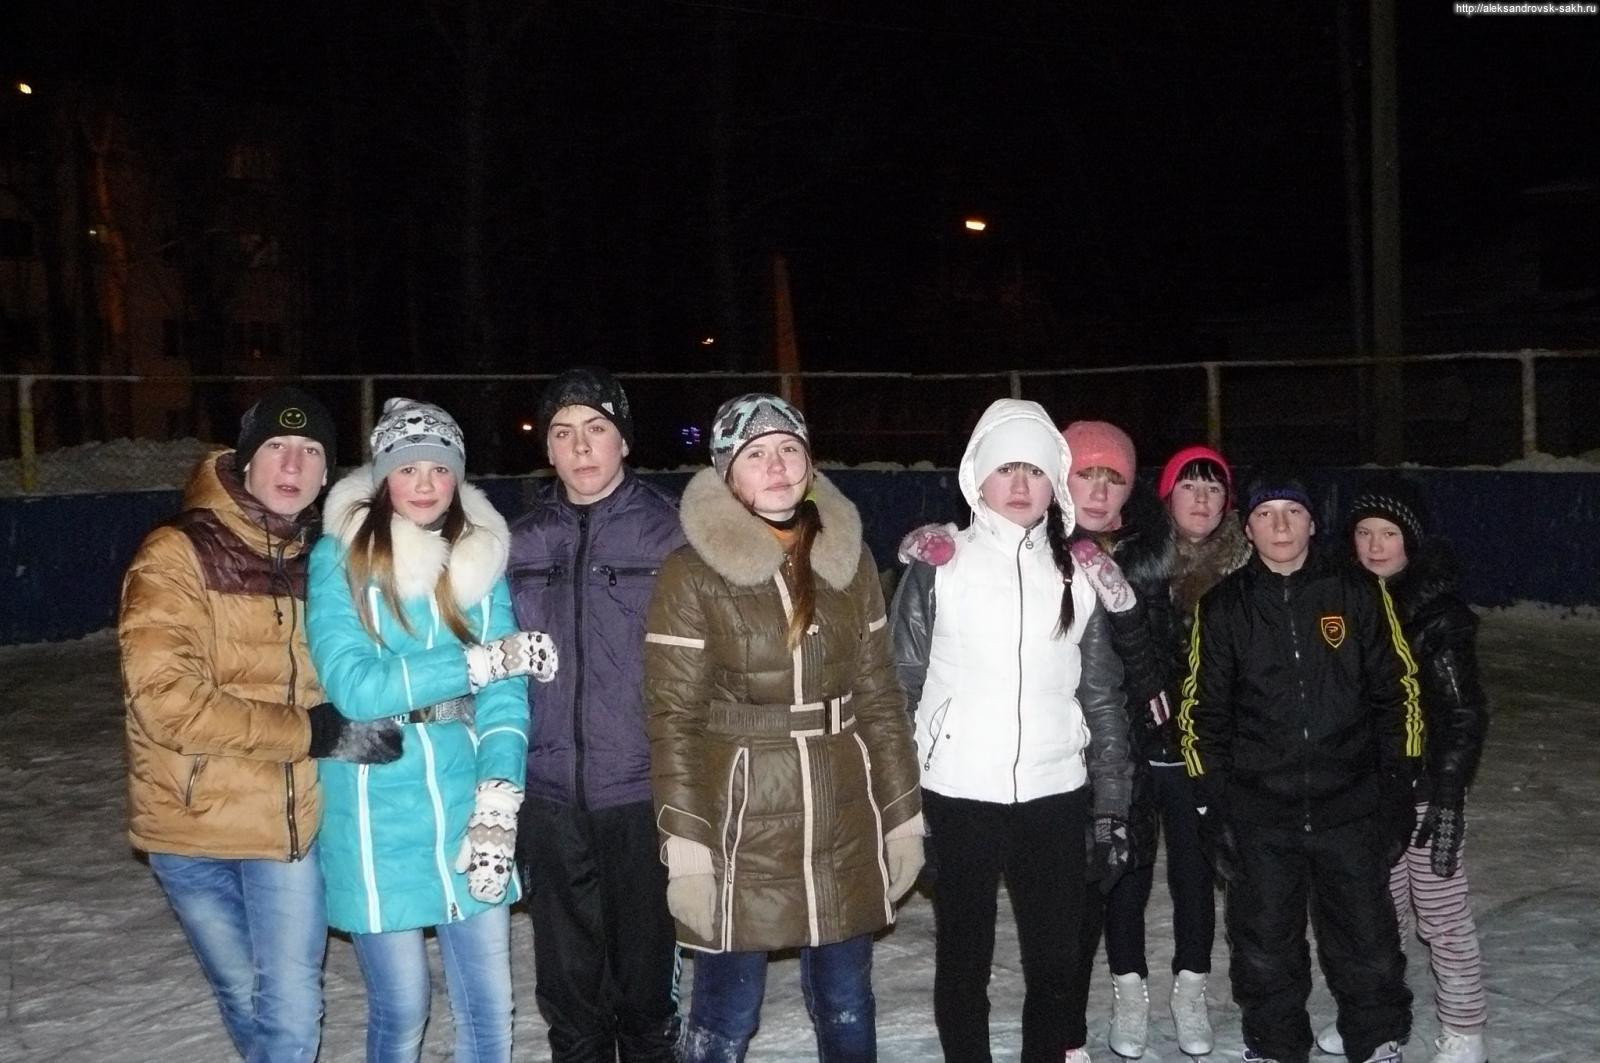 Вечером в Александровске-Сахалинском 30 декабря 2013 года